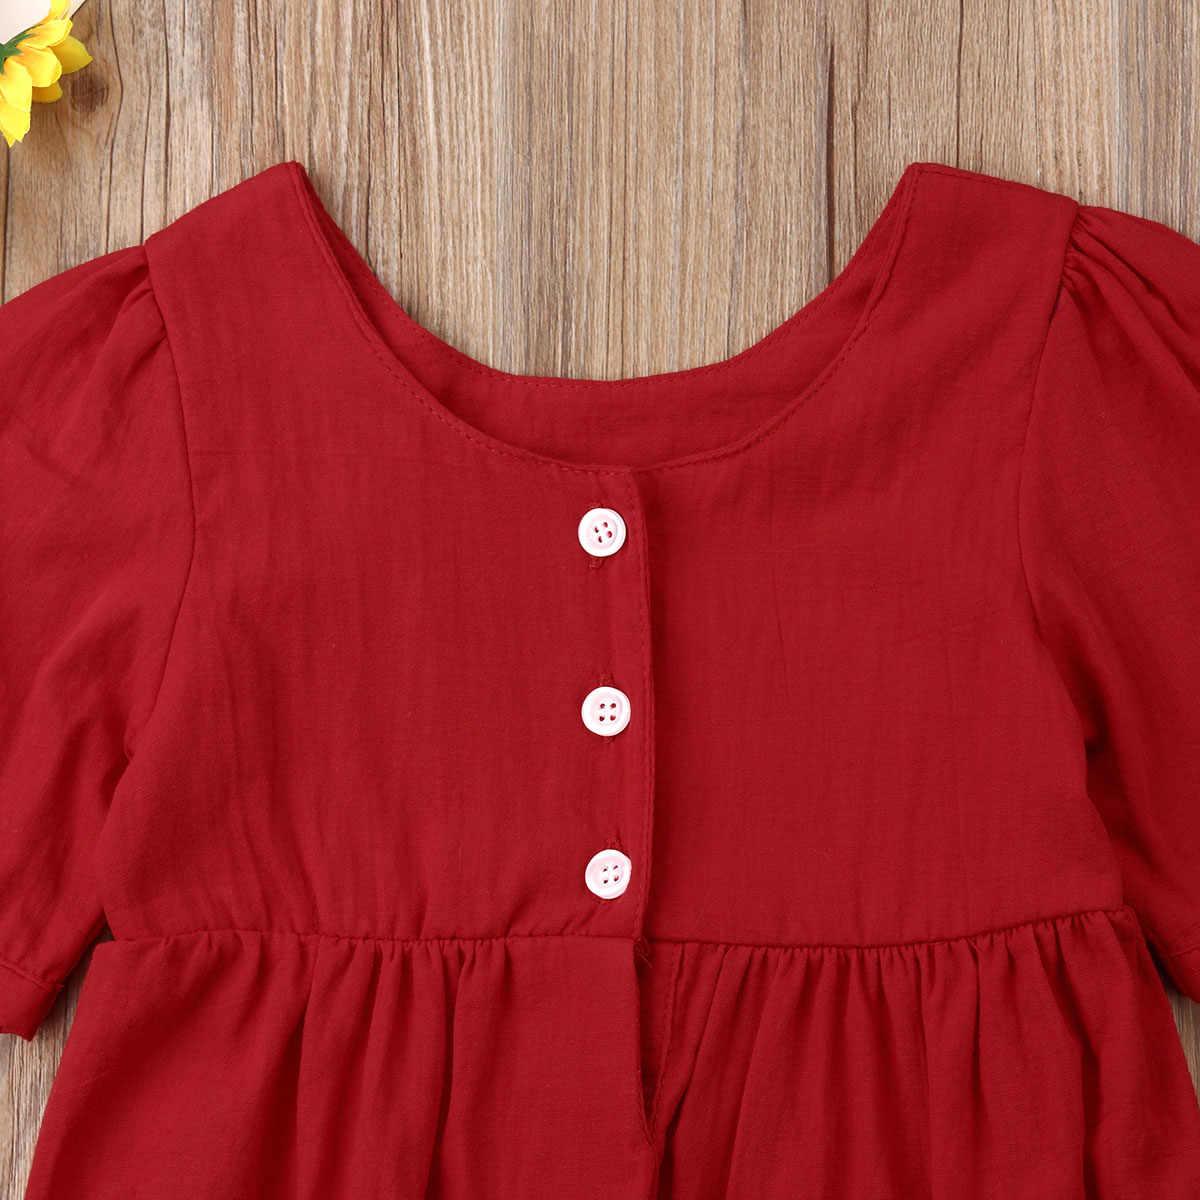 2019 Летний комбинезон для новорожденного, для маленьких девочек одежда с короткими рукавами, боди, комбинезон, пляжный костюм, одежда красный зеленый однотонный Цвет Костюмы